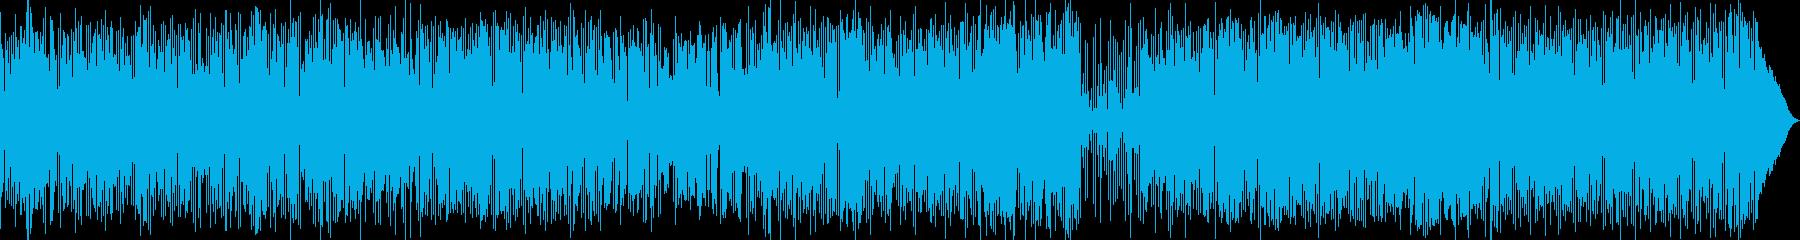 疾走感溢れるボサノバ・ロックの再生済みの波形